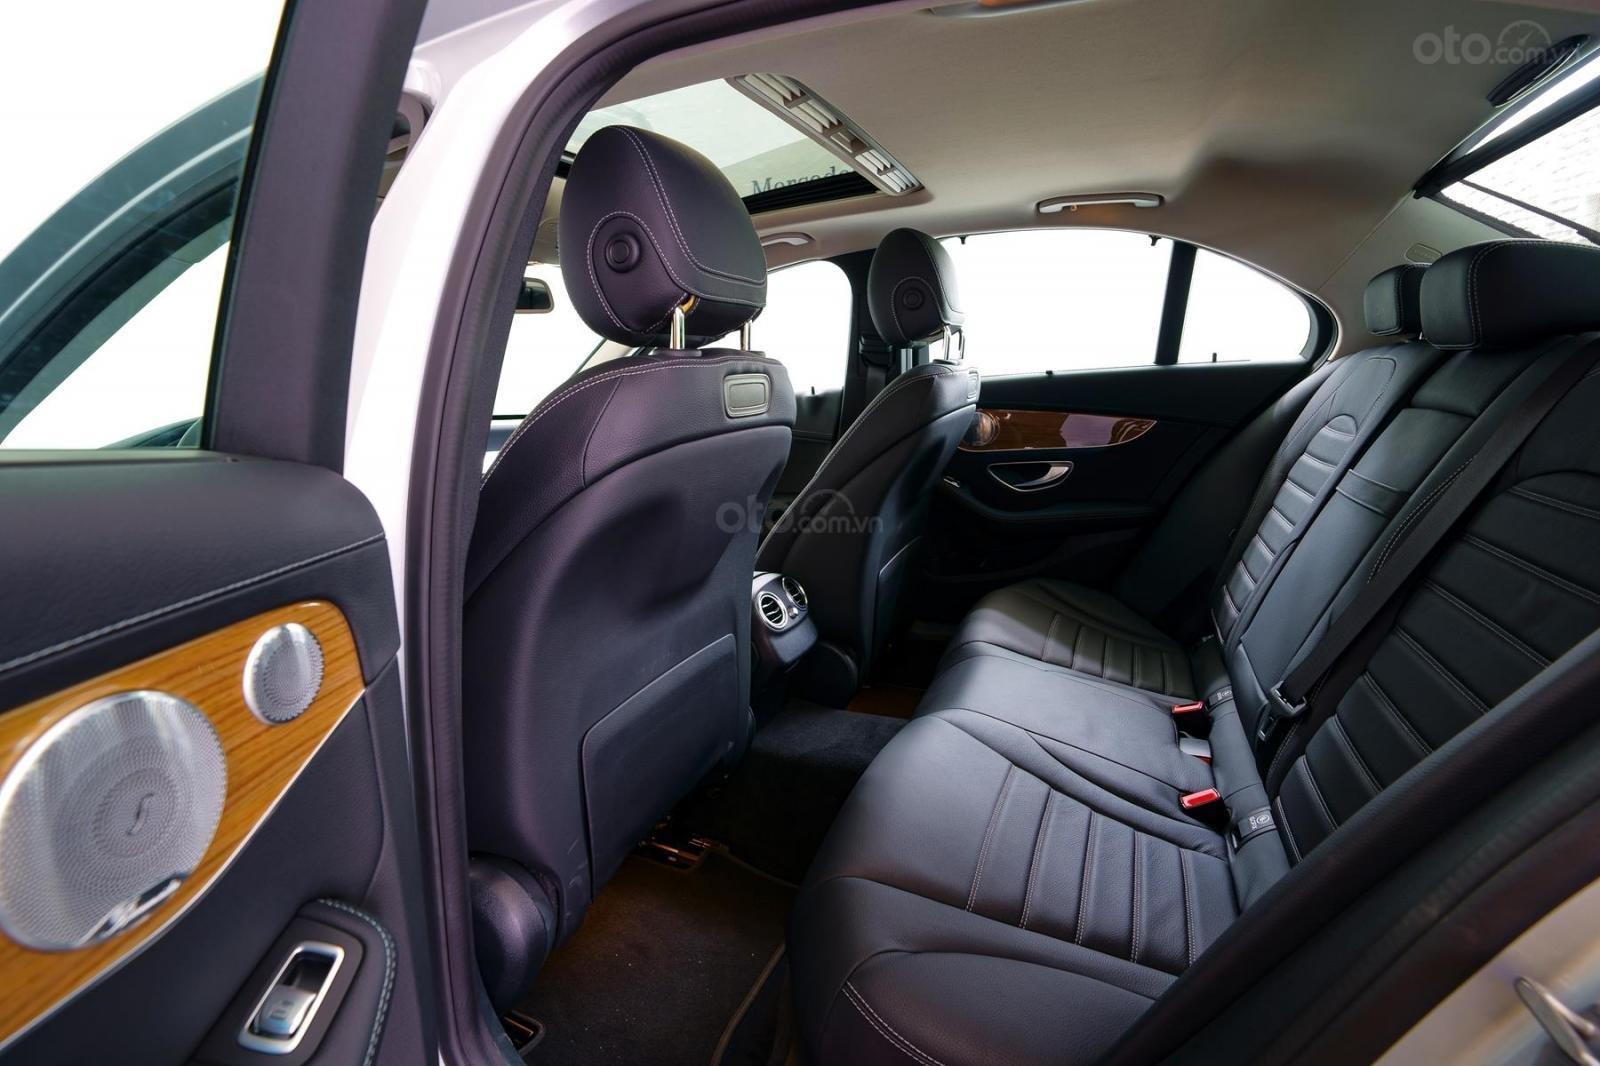 Bán xe Mercedes-Benz C250 Exclusive đăng ký 2019 - 1 tỷ 5 (7)